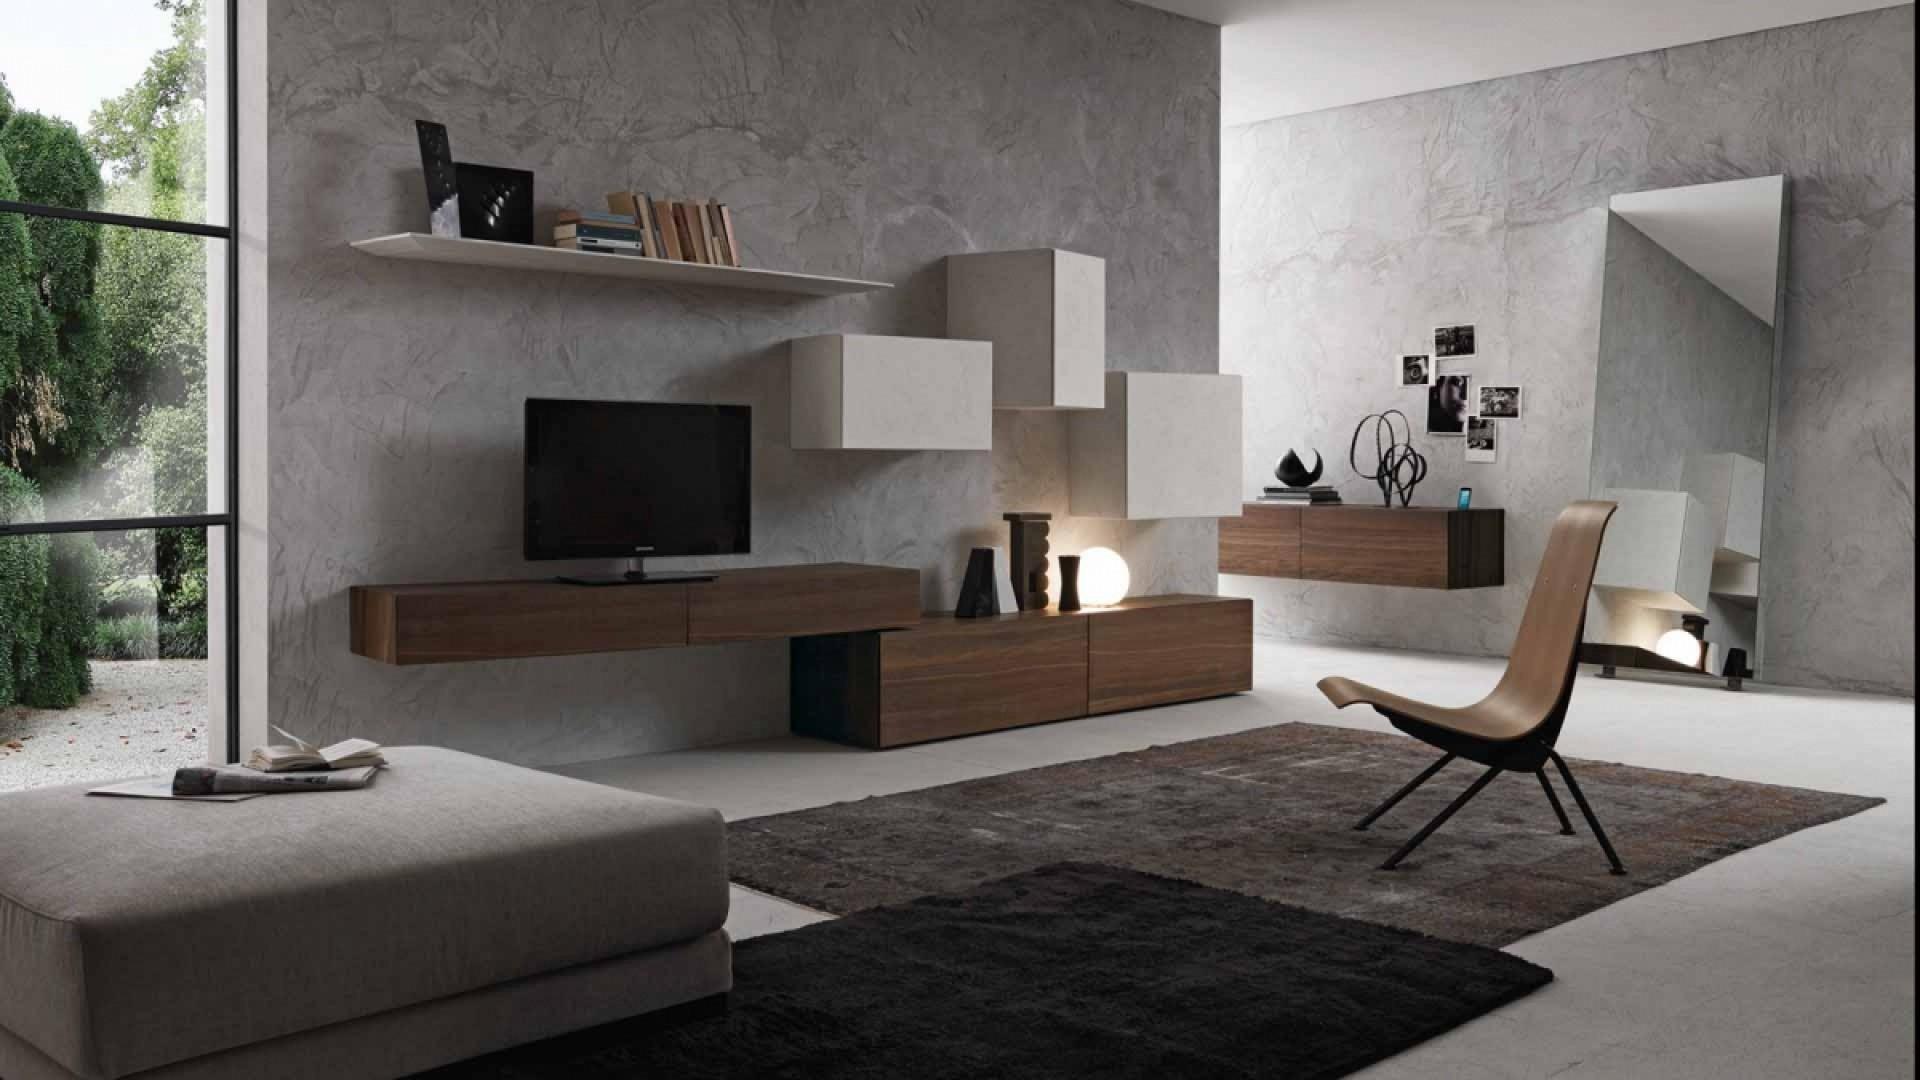 Inclinart essegi arredo mobili e arredamento d 39 interni - Arredamento interni ...